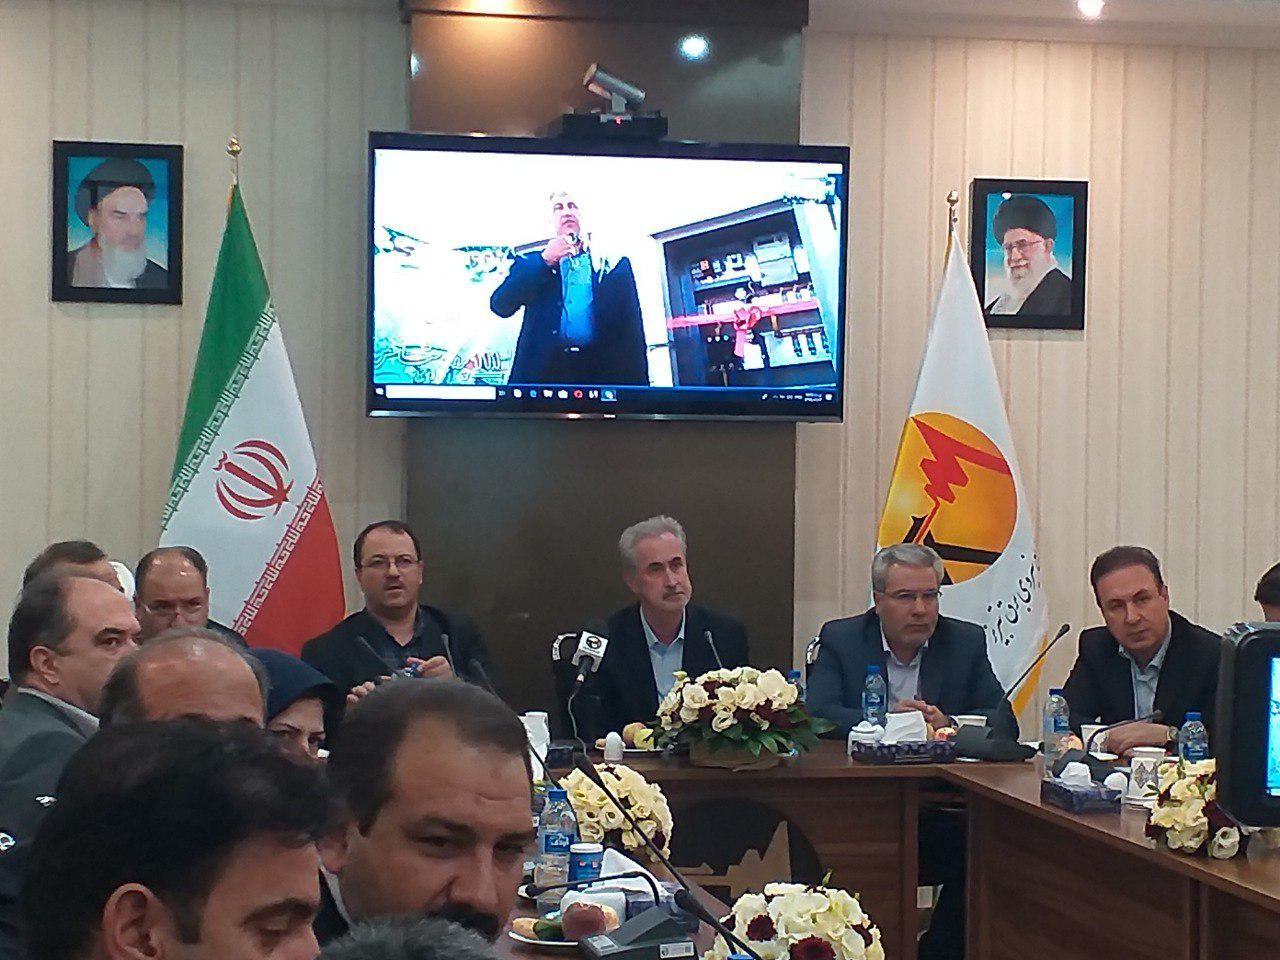 ۱۱۱ پروژه توزیع نیروی برق تبریز همزمان با هفته دولت به بهره برداری رسید